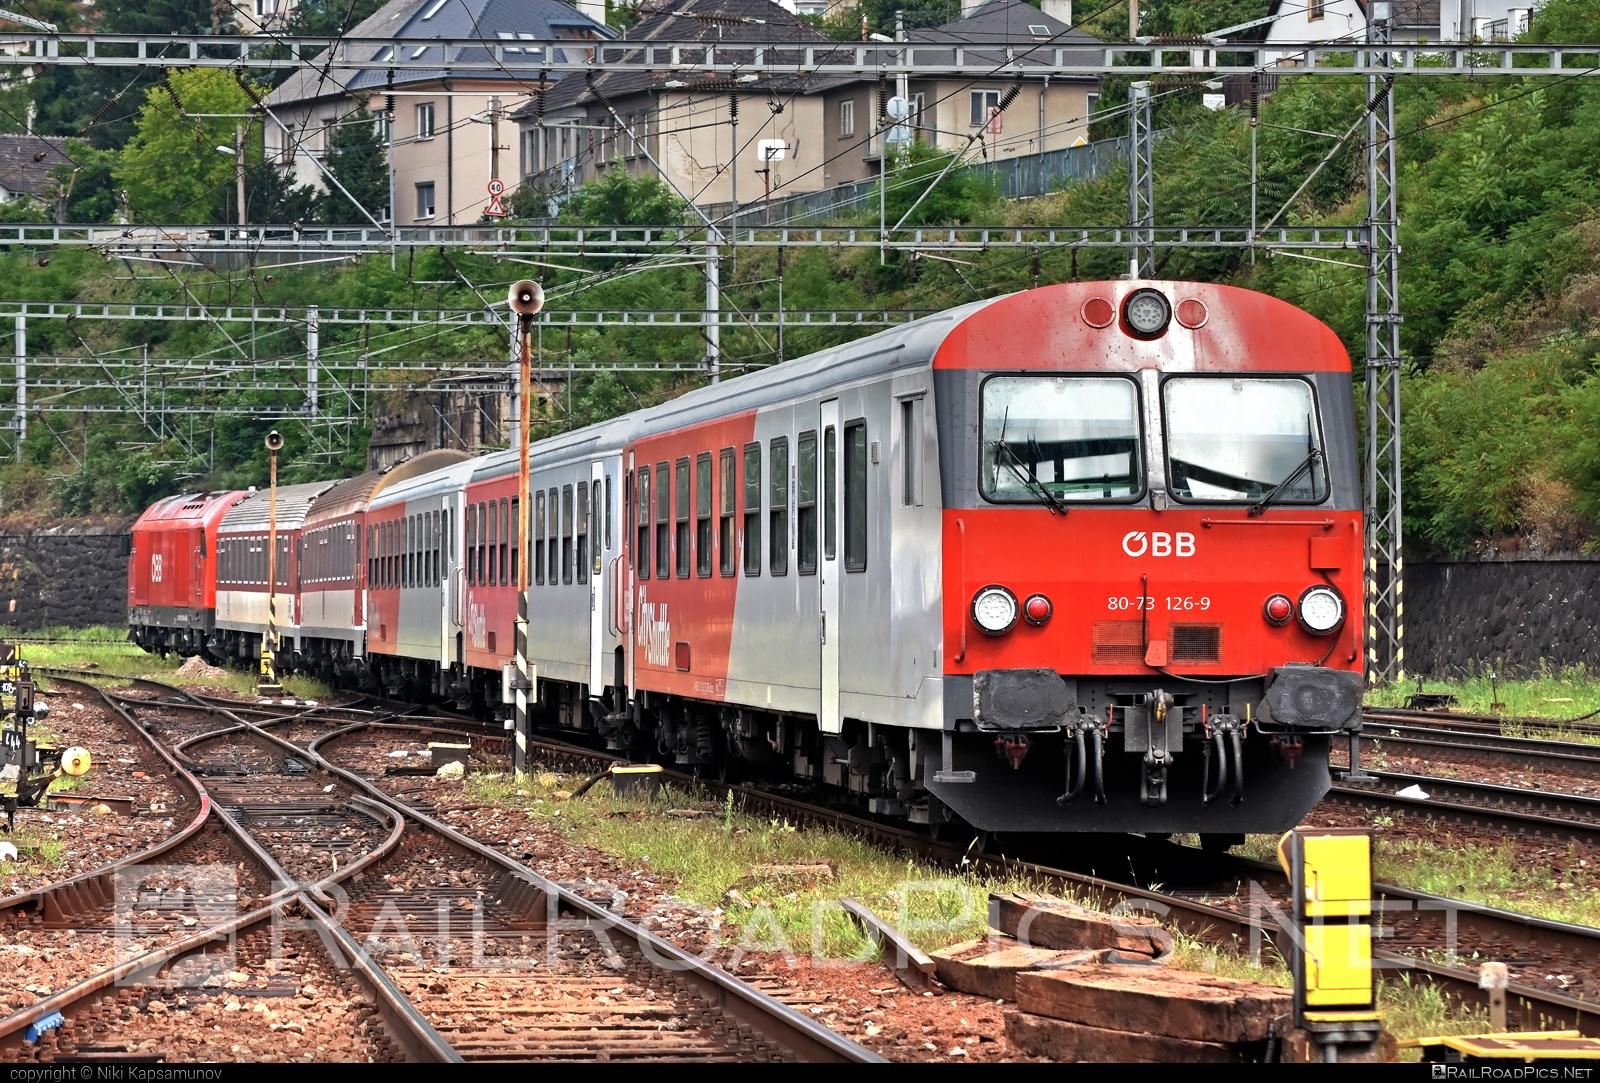 Class B - Bmpz-s - ÖBB CityShuttle control car - 80-73 126-9 operated by Österreichische Bundesbahnen #cityshuttle #obb #osterreichischebundesbahnen